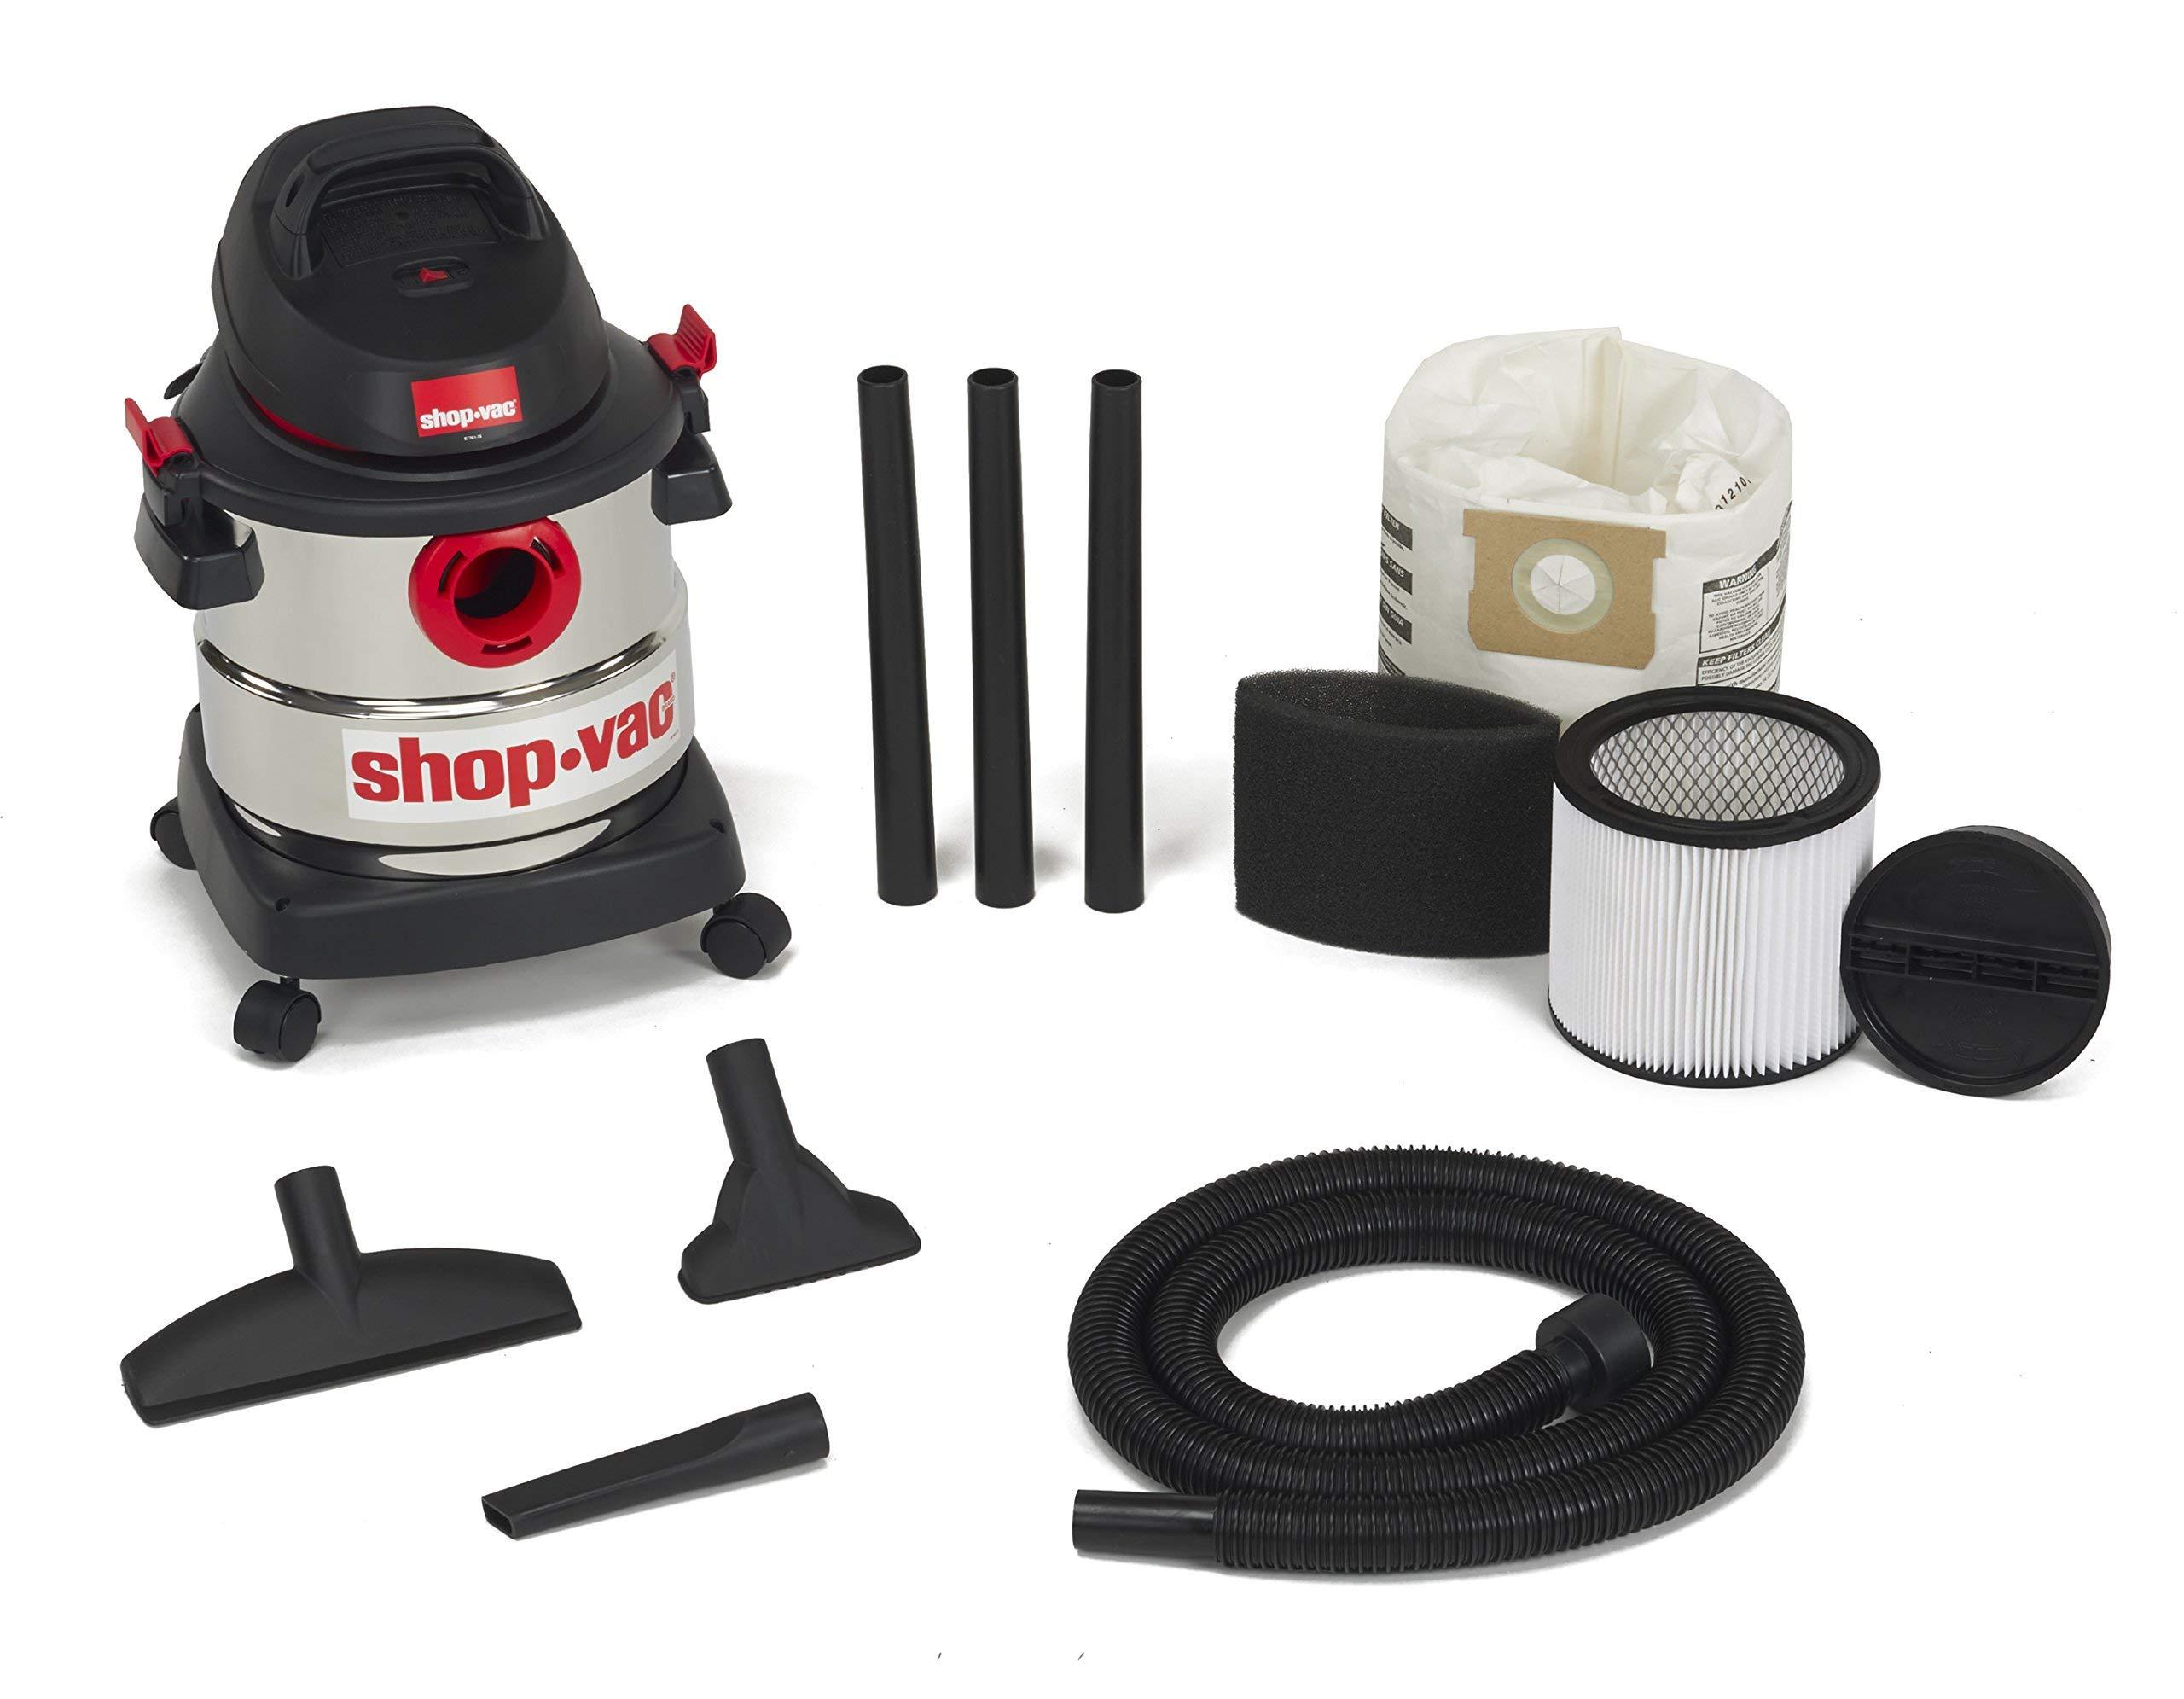 Shop-Vac 5989300 5-Gallon 4.5 Peak HP Stainless Steel Wet Dry Vacuum (Renewed) by Shop-Vac (Image #2)